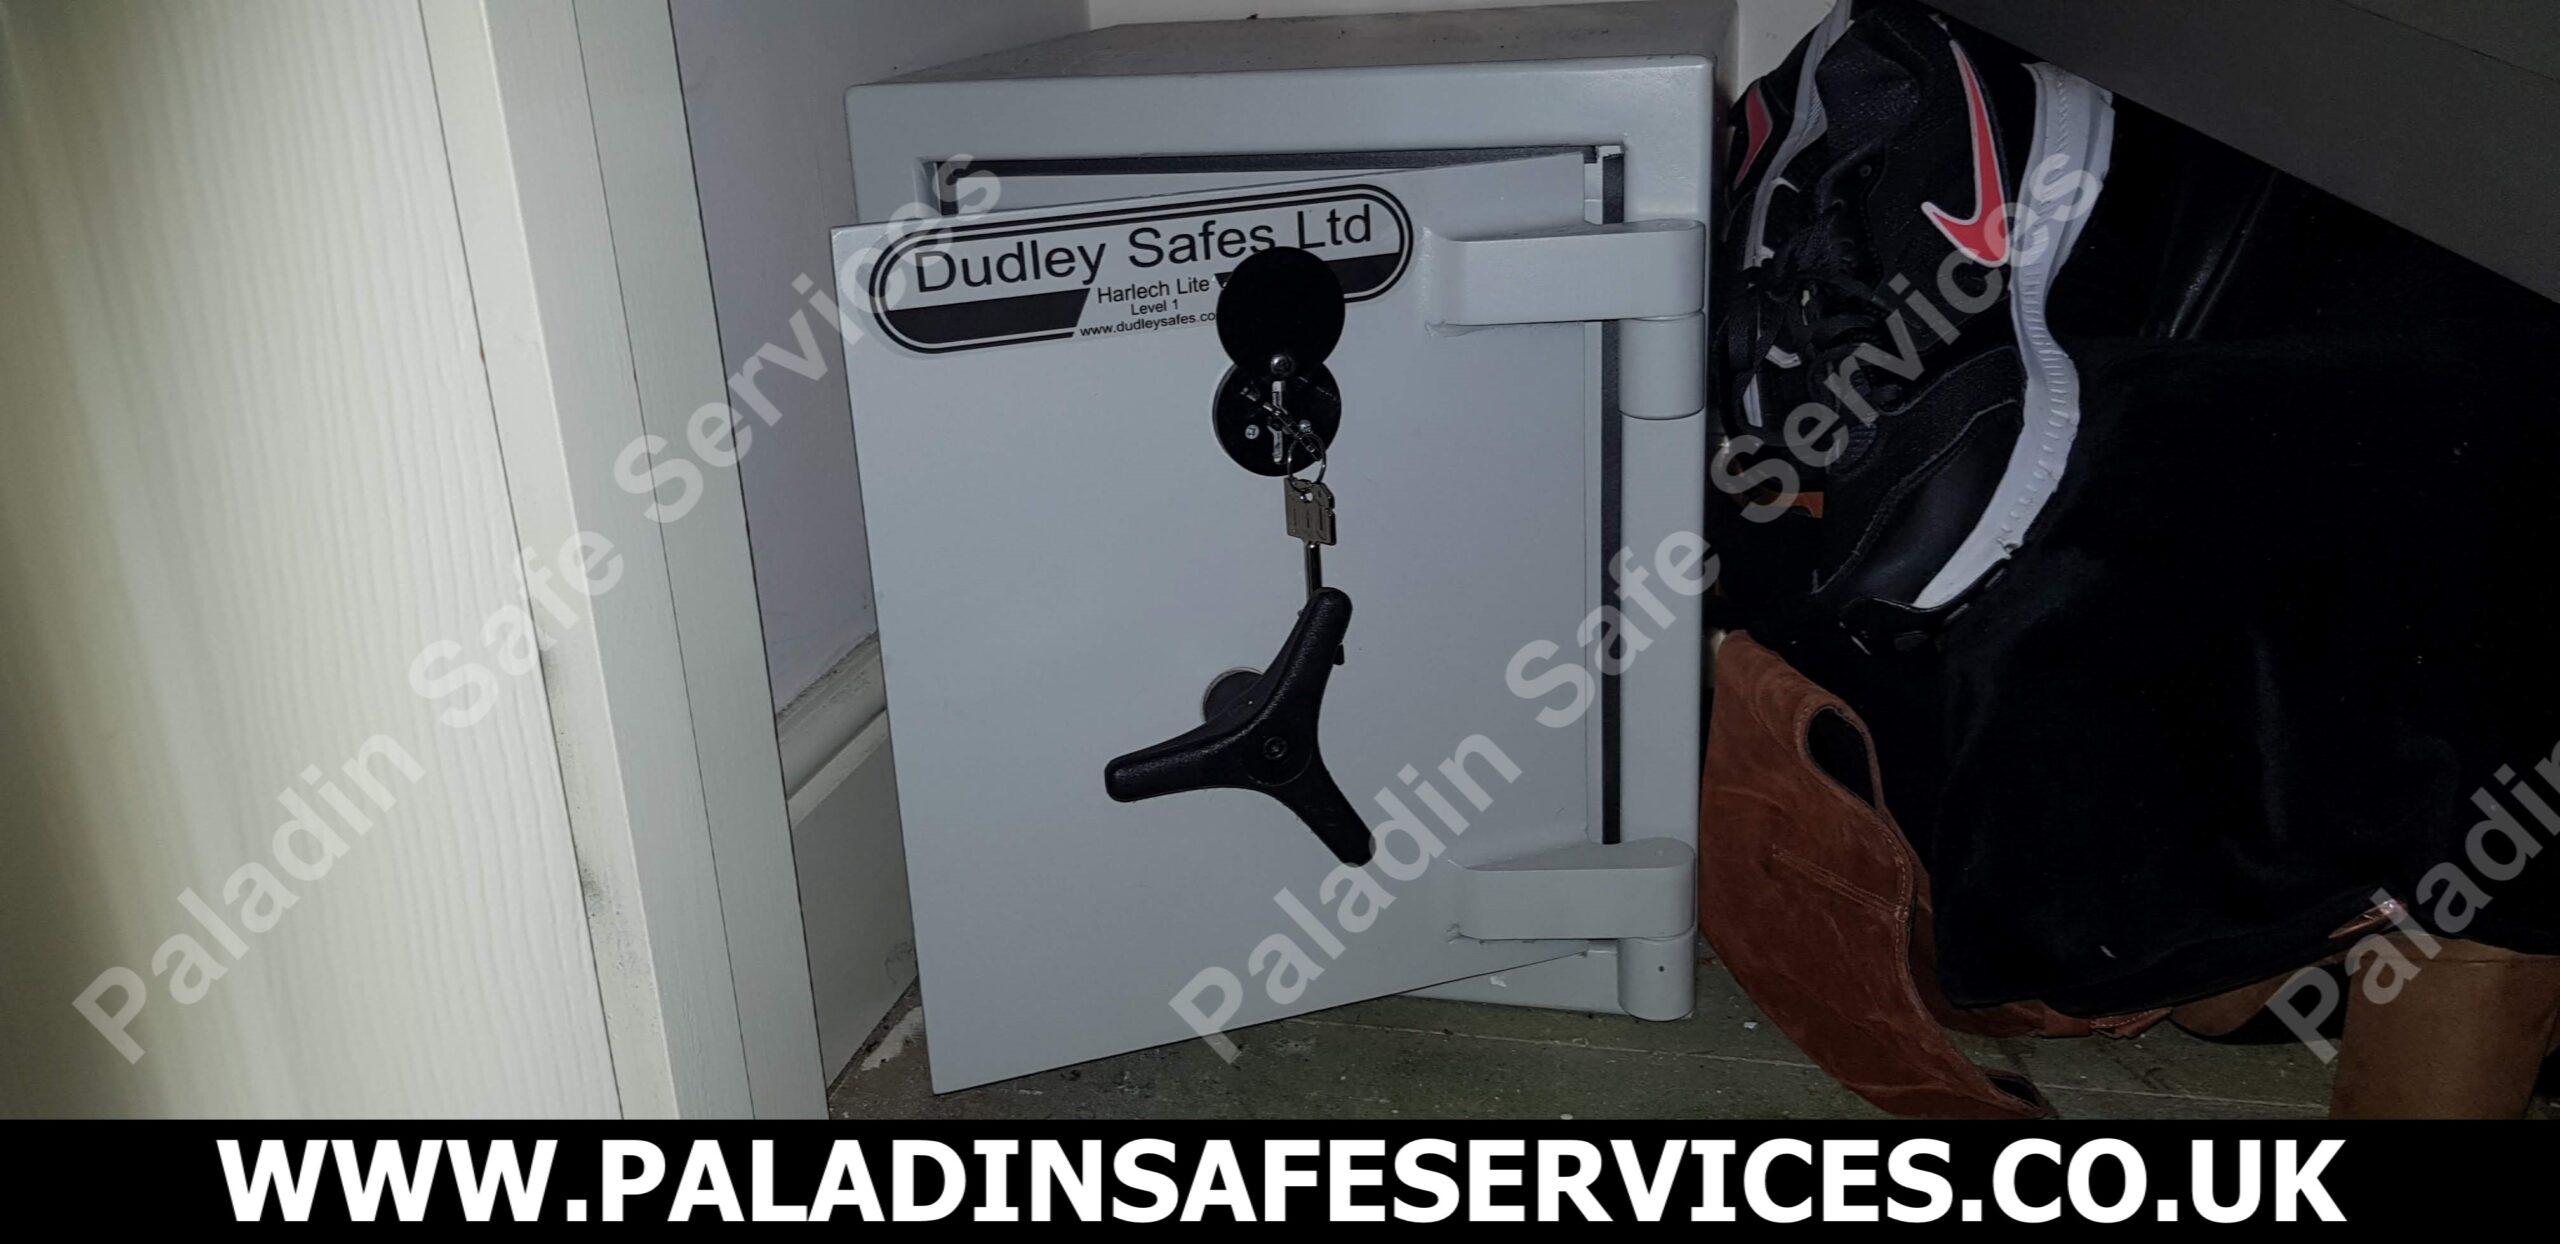 Dudley Harlech Lite Lost Keys Warrington